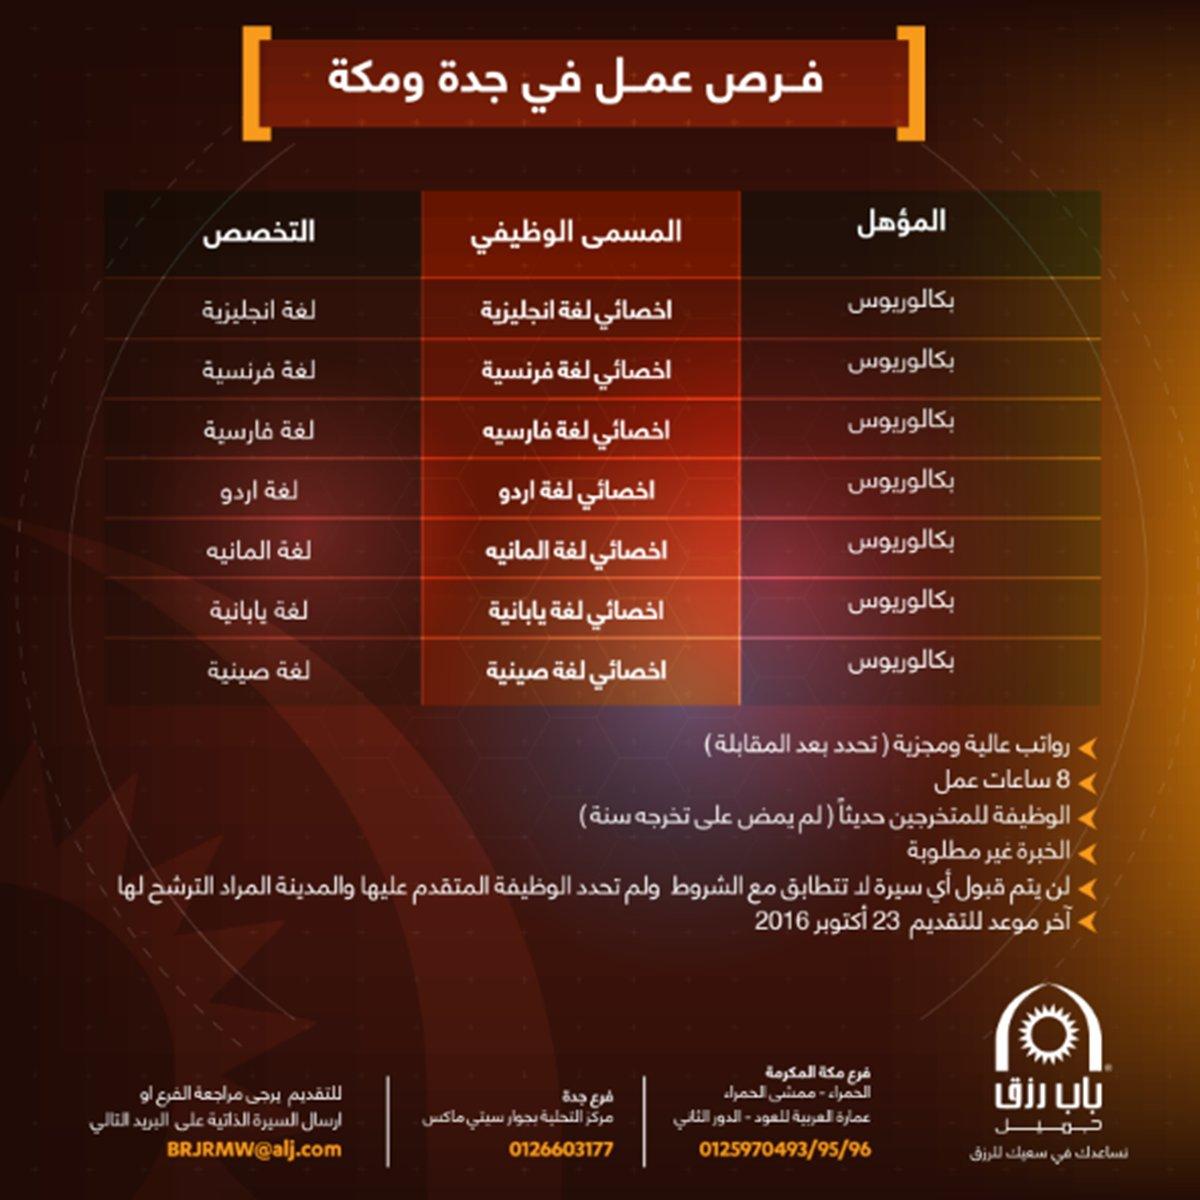 وظائف متعددة للشباب - جدة ومكة المكرمة